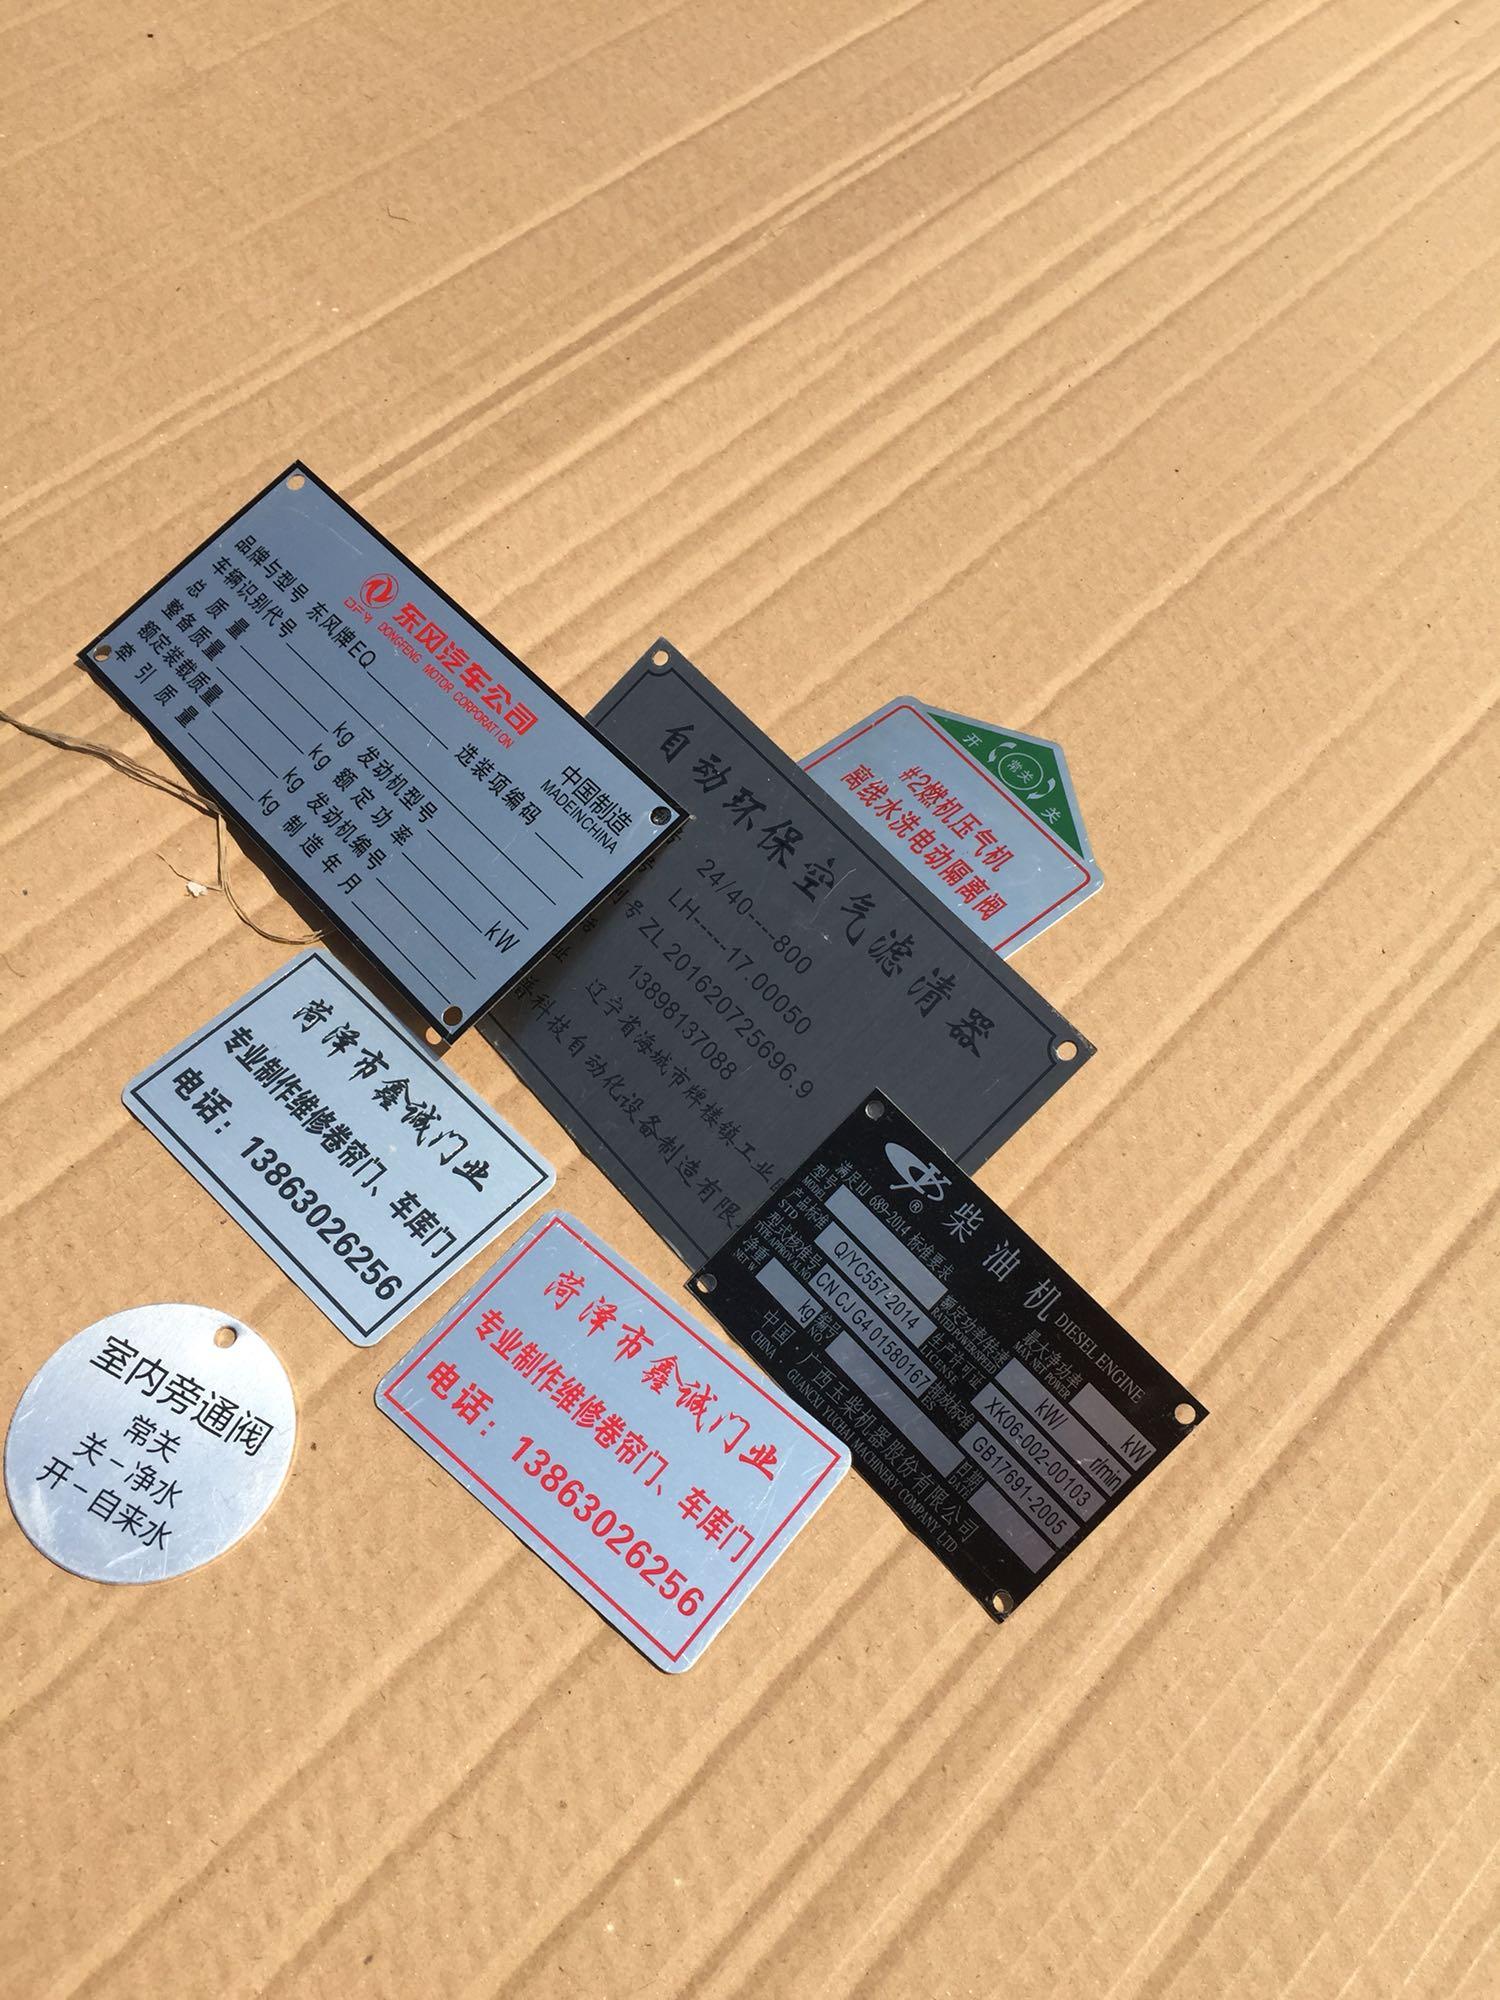 Автомобильная марка двигателя Lu лицензионная карточка из нержавеющей стали дверь Бренд изготовленный на заказ дизель Lu лицензируя осторожные лестницы